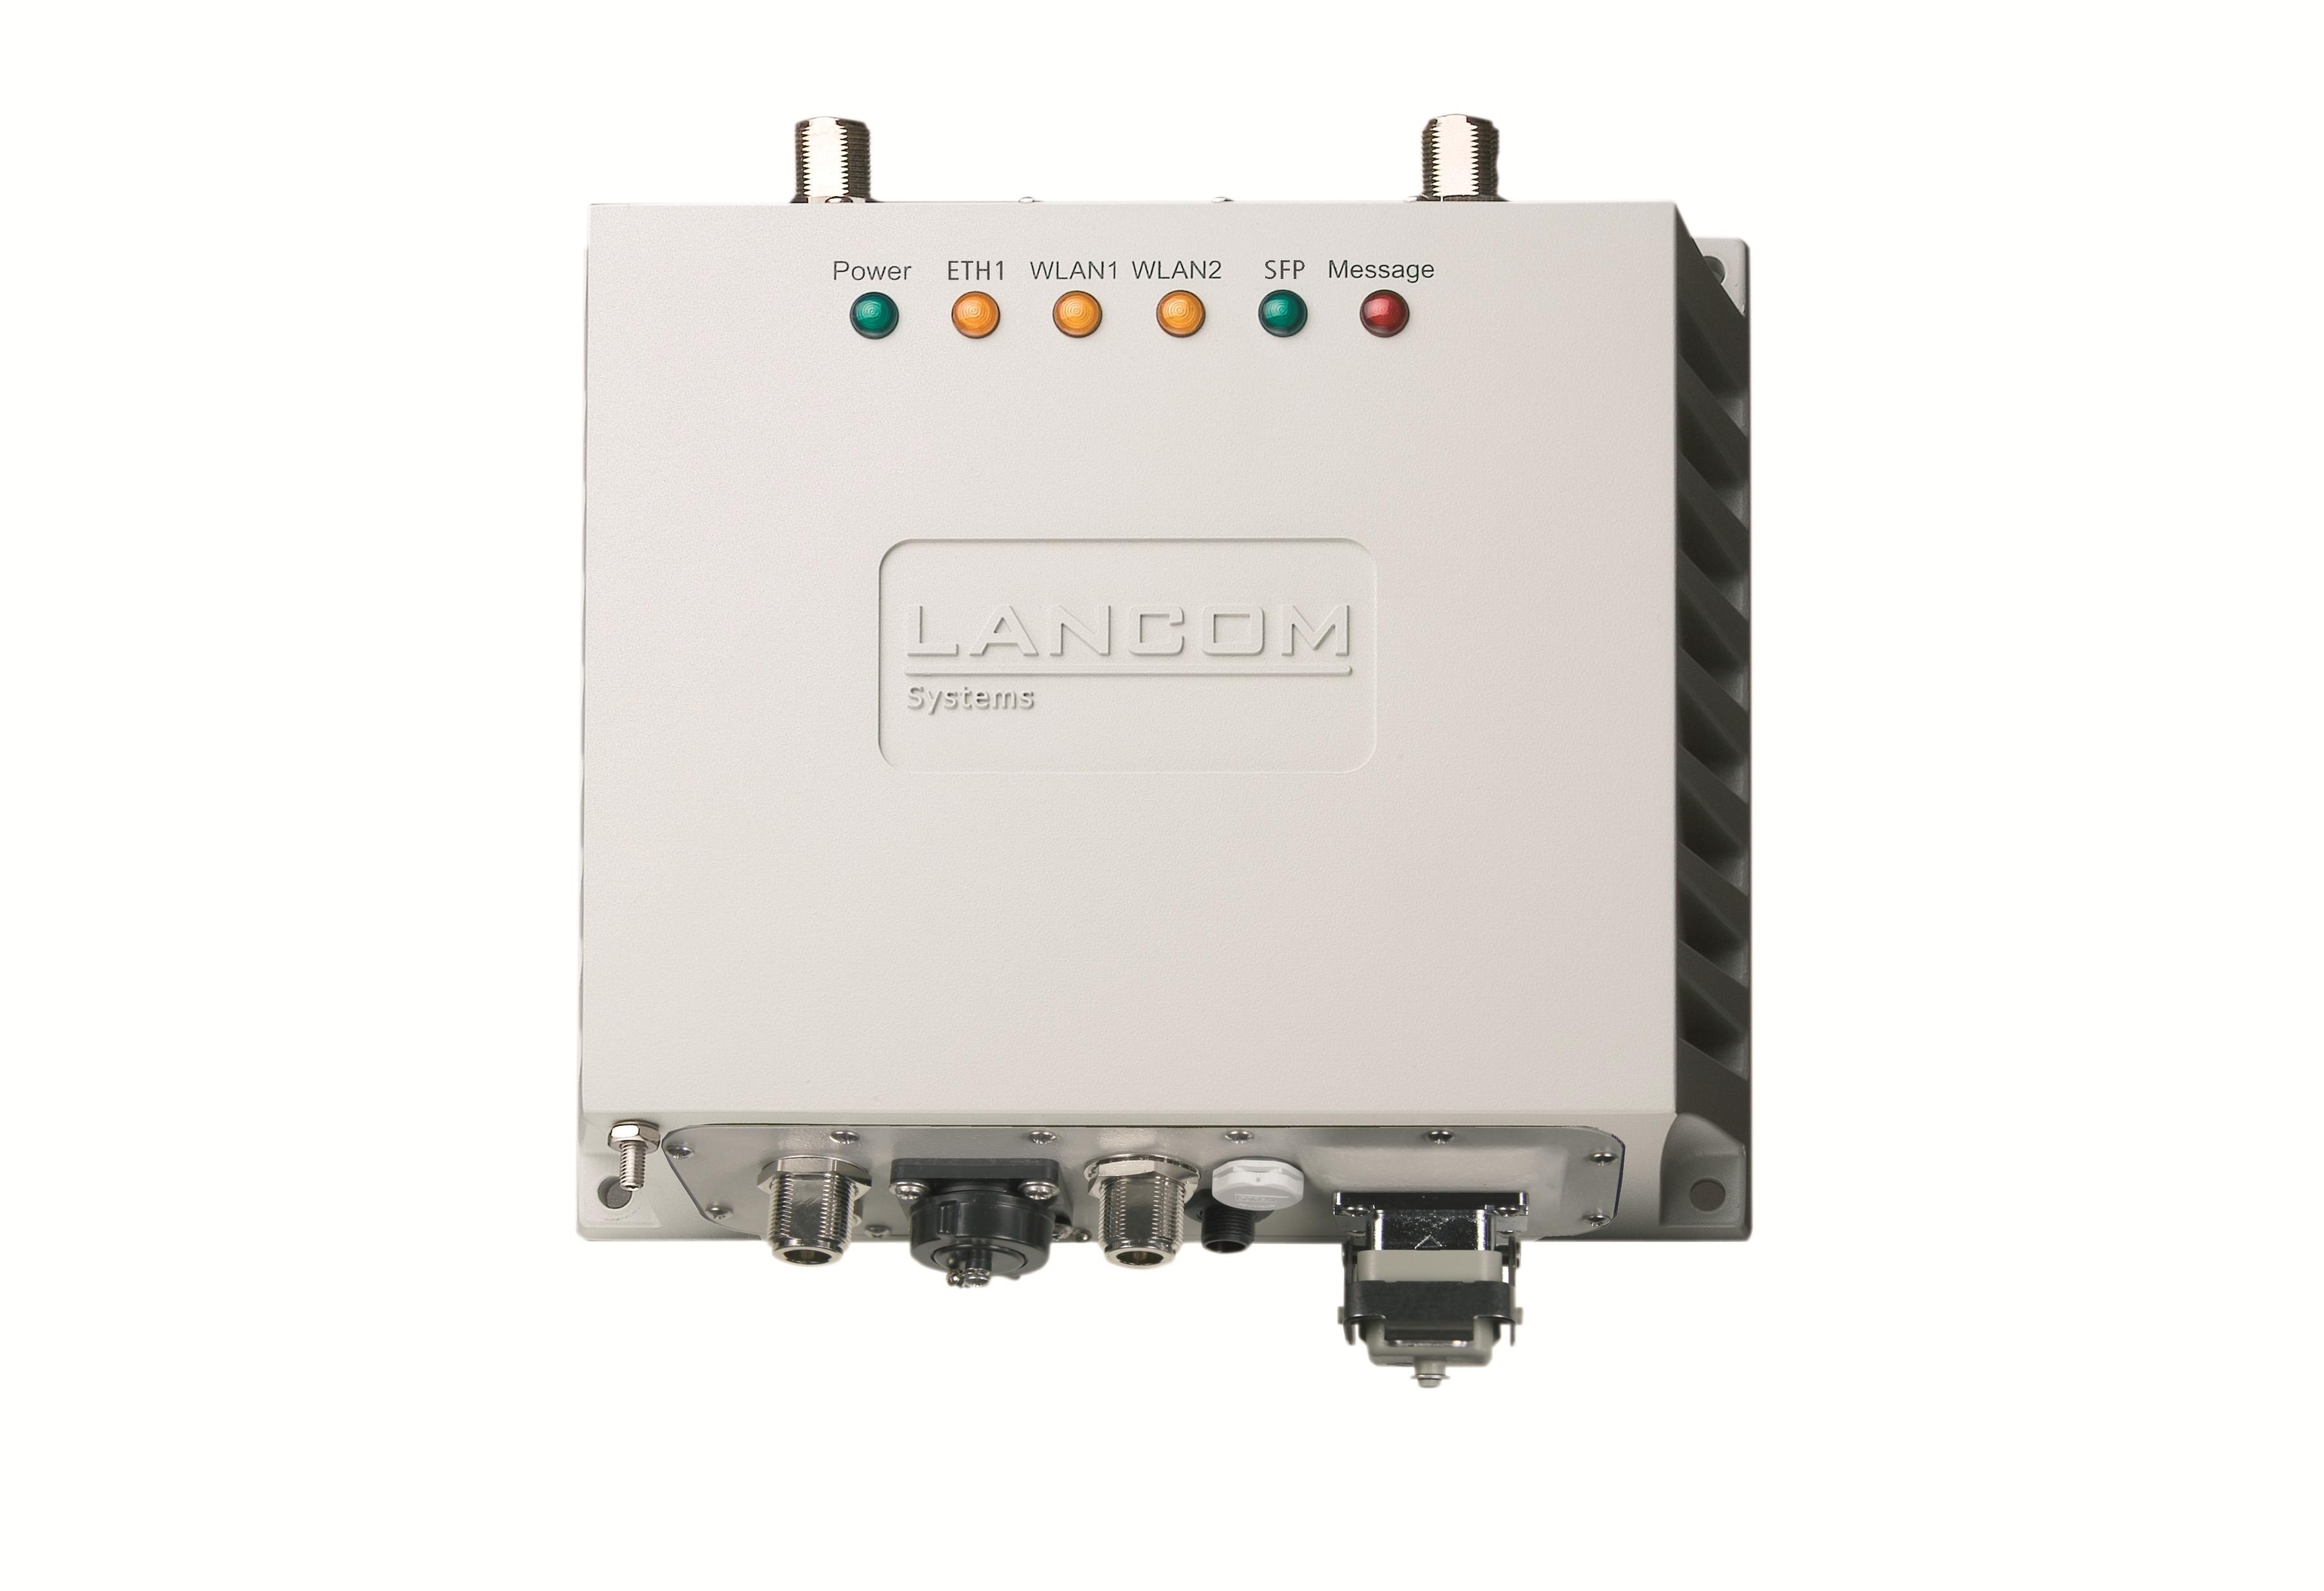 Robustno vododporno (IP66) ohišje z vgrajenima funkcijama hlajena in gretja pa zagotavlja zanesljivost delovanja dostopne točke tudi v ekstremnih temperaturah